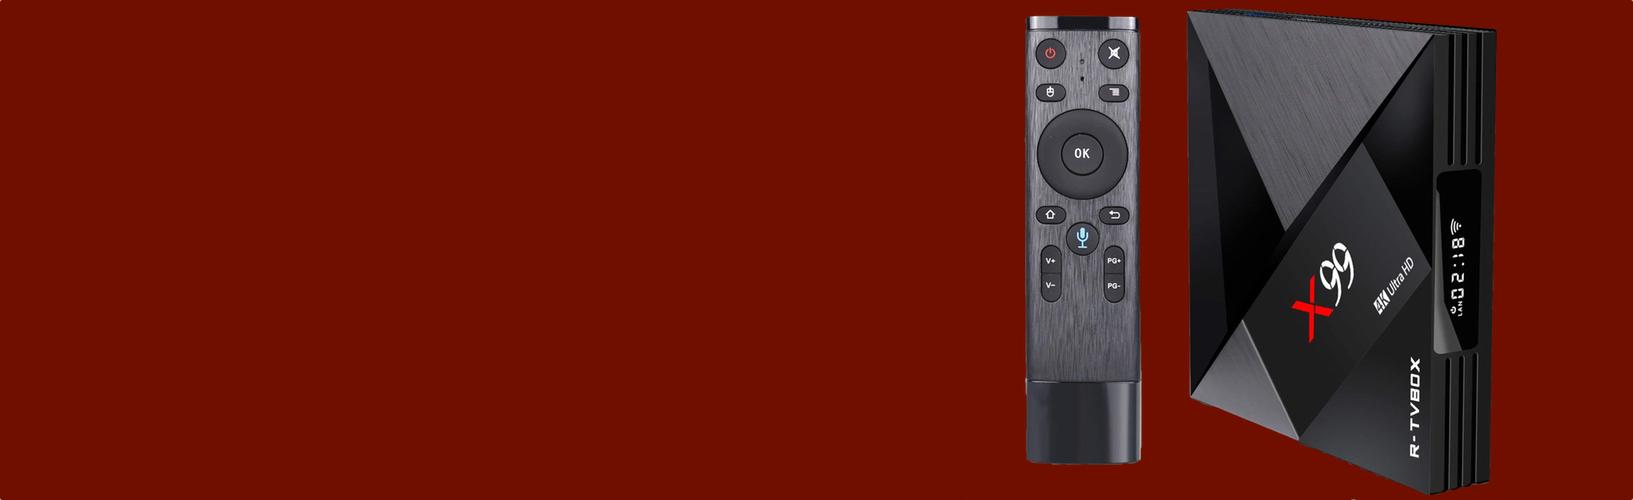 Cмарт ТВ приставка X99 - Rockchip RK3399 4/32Гб